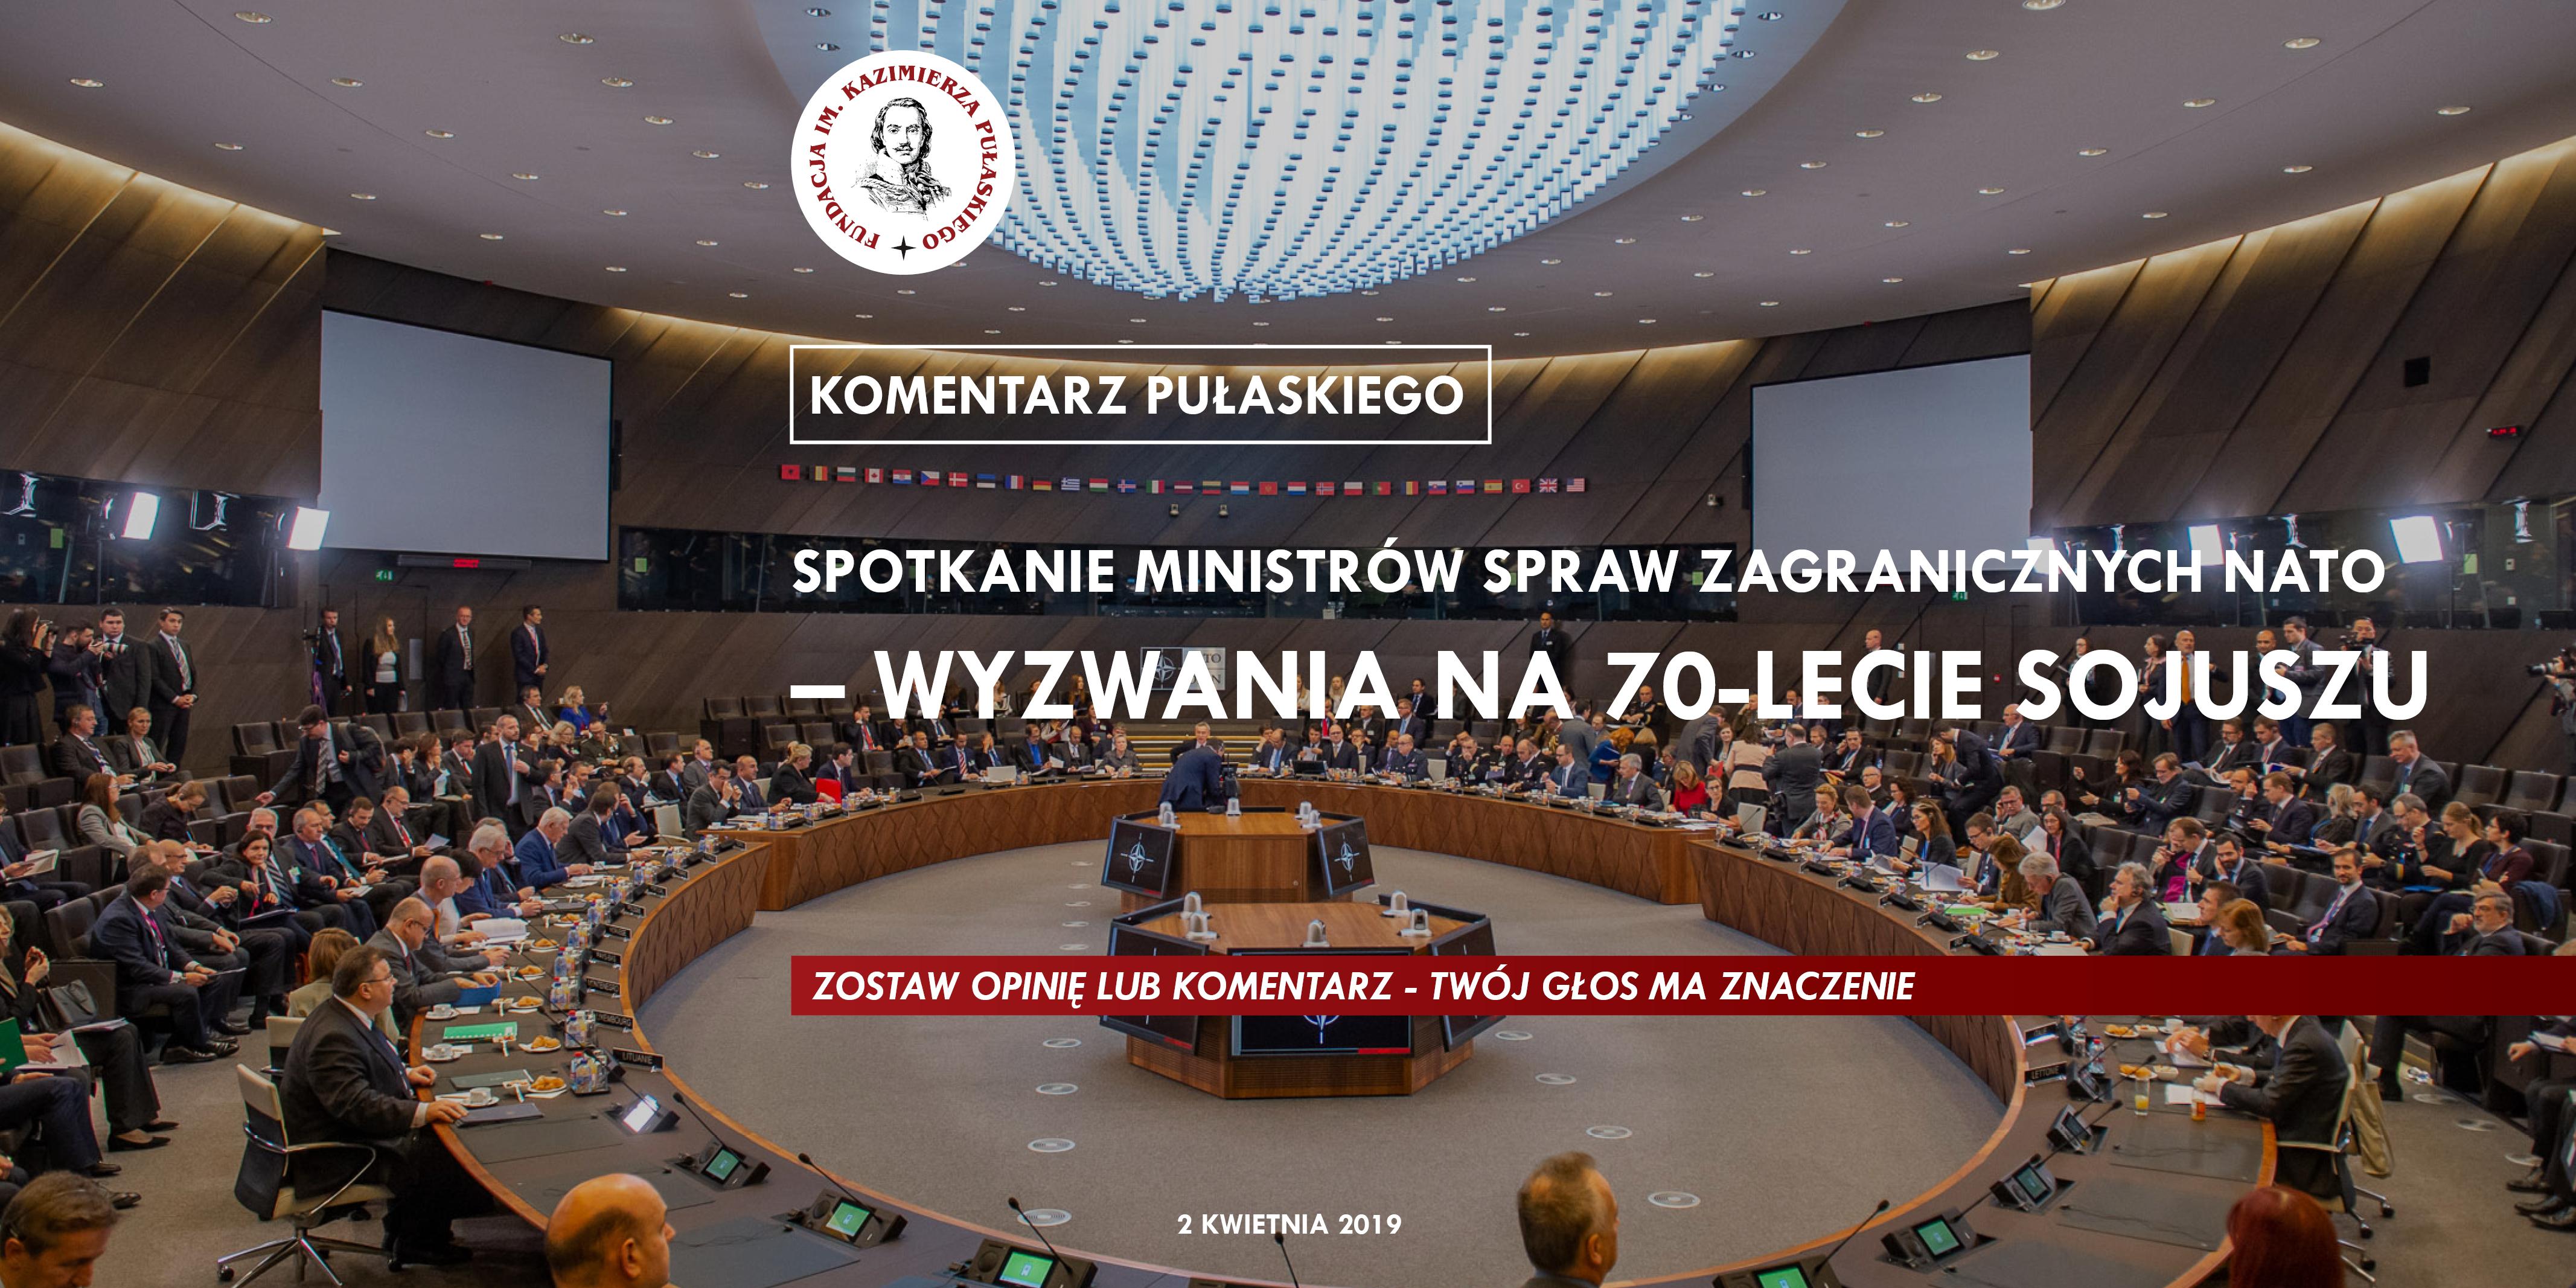 KOMENTARZ PUŁASKIEGO – T.J. Omedi: Spotkanie ministrów spraw zagranicznych NATO – wyzwania na70-lecie Sojuszu